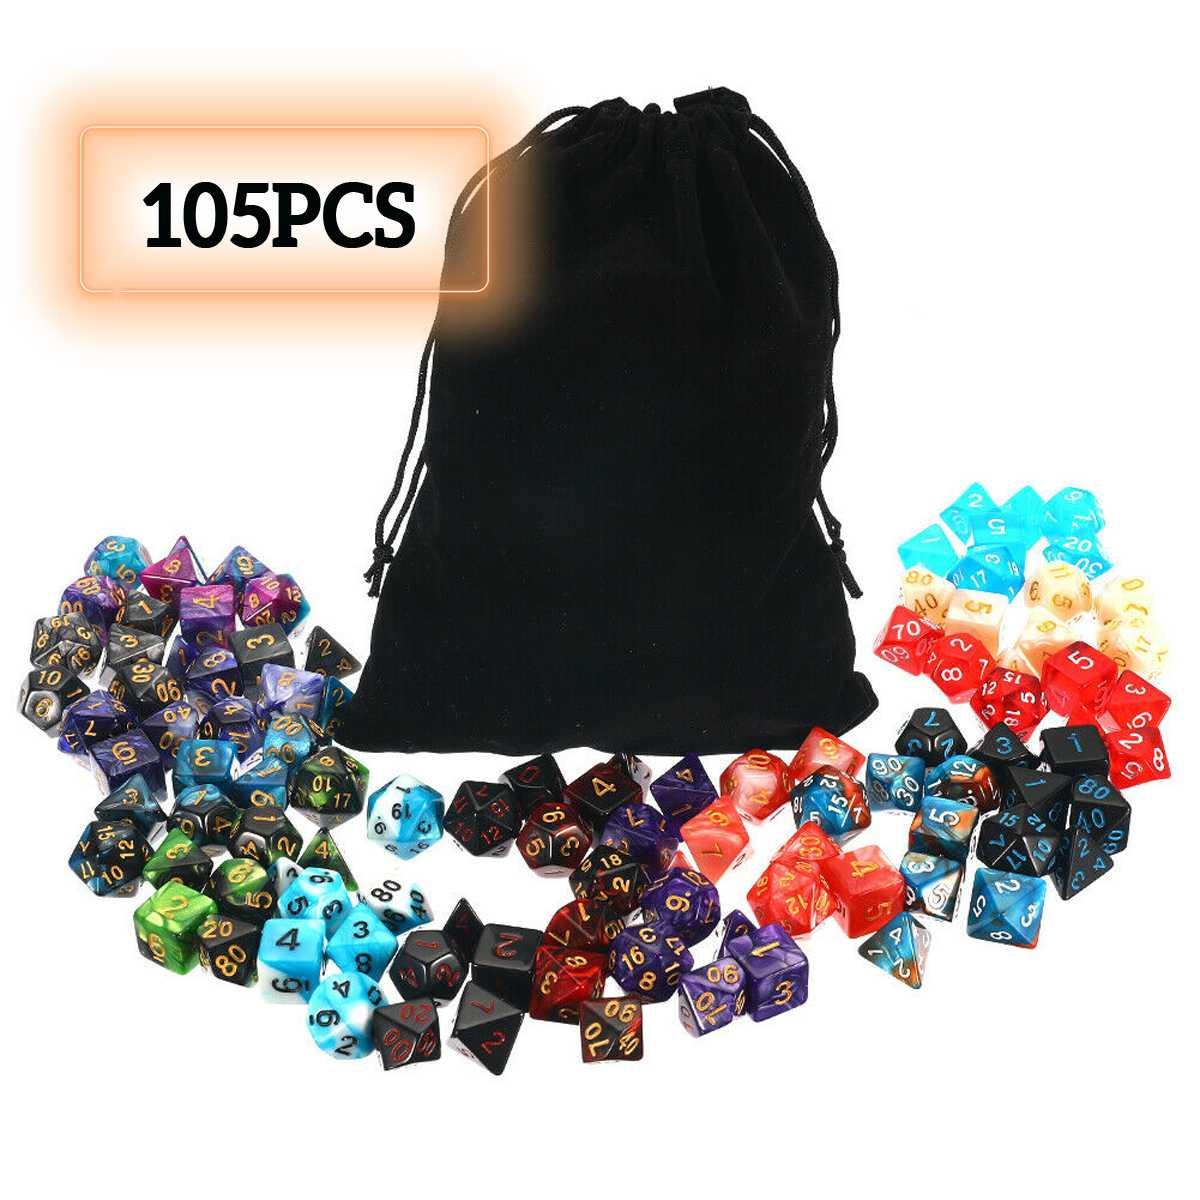 Набор многогранных кубиков 105 шт., DND RPG MTG, игра в драконов + сумка, набор разноцветных